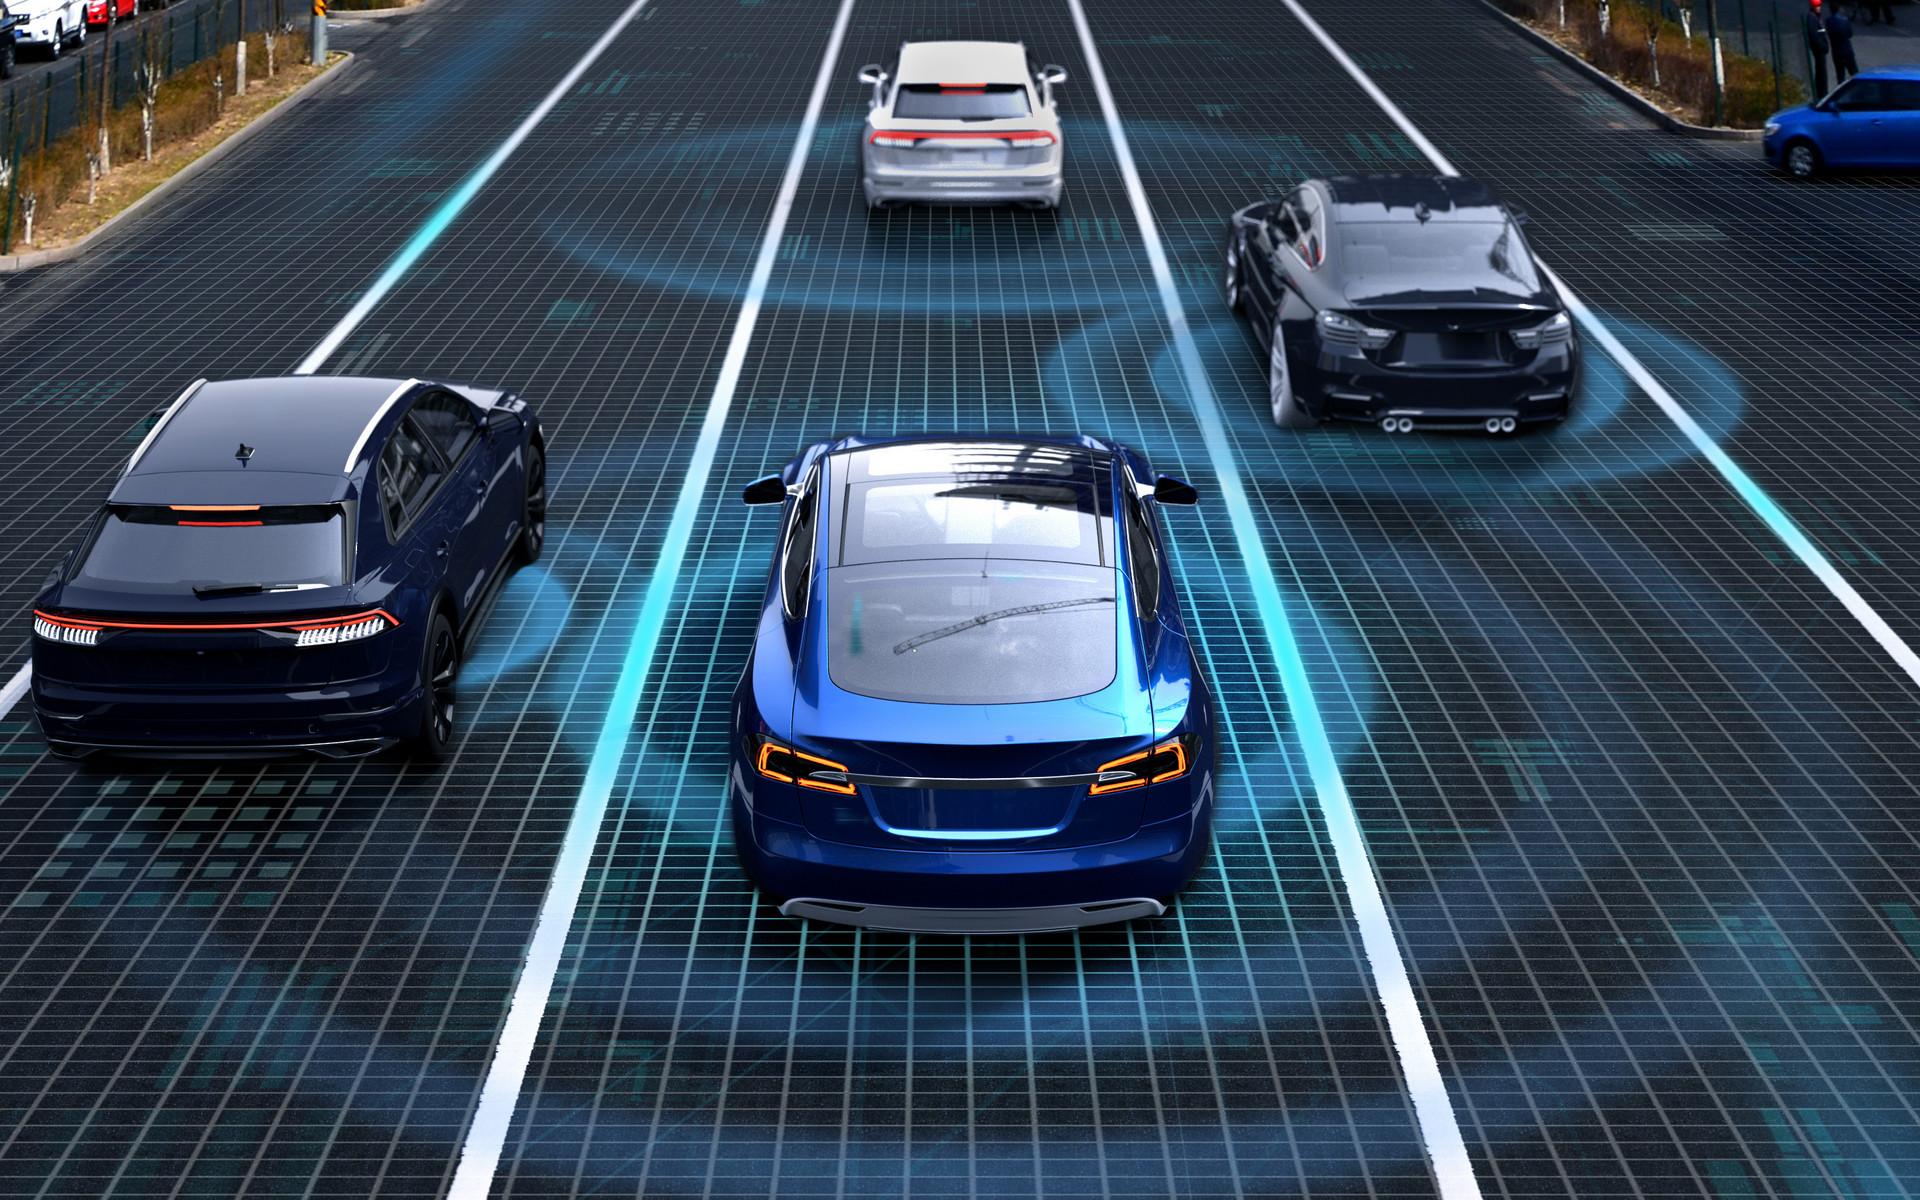 腾讯陆续公开多项专利,互联网三巨头发力自动驾驶